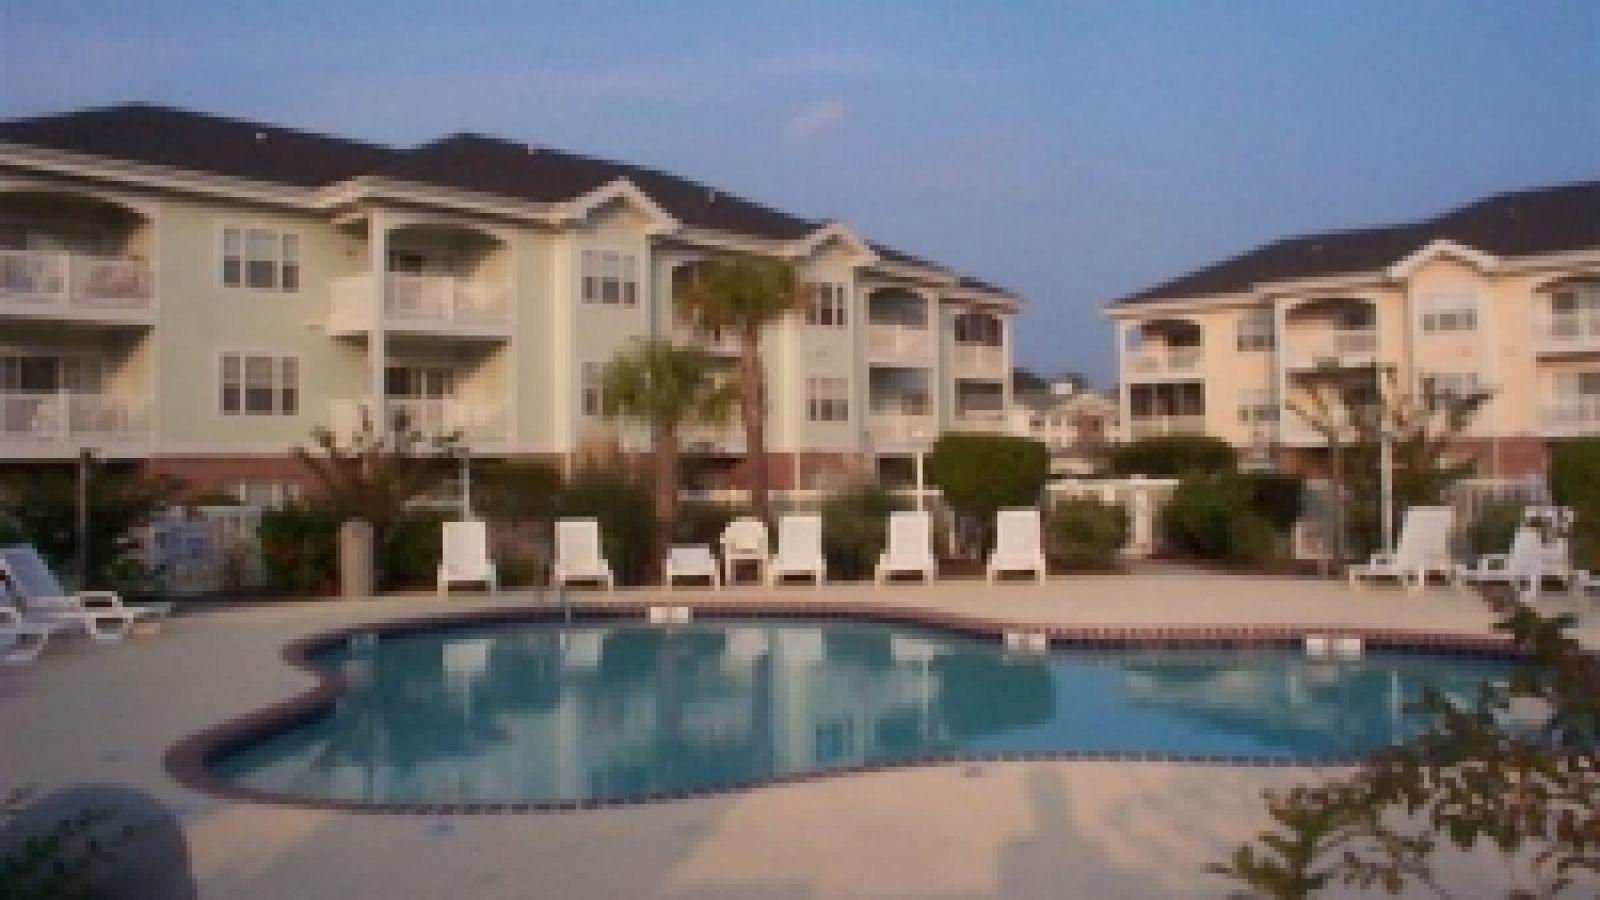 Myrtlewood Villas - Myrtle Beach golf packages